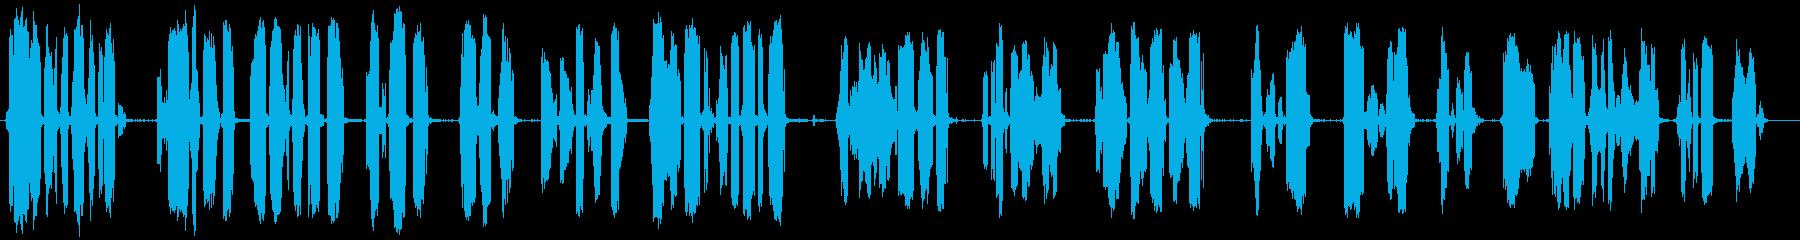 未来を切り開く声の再生済みの波形